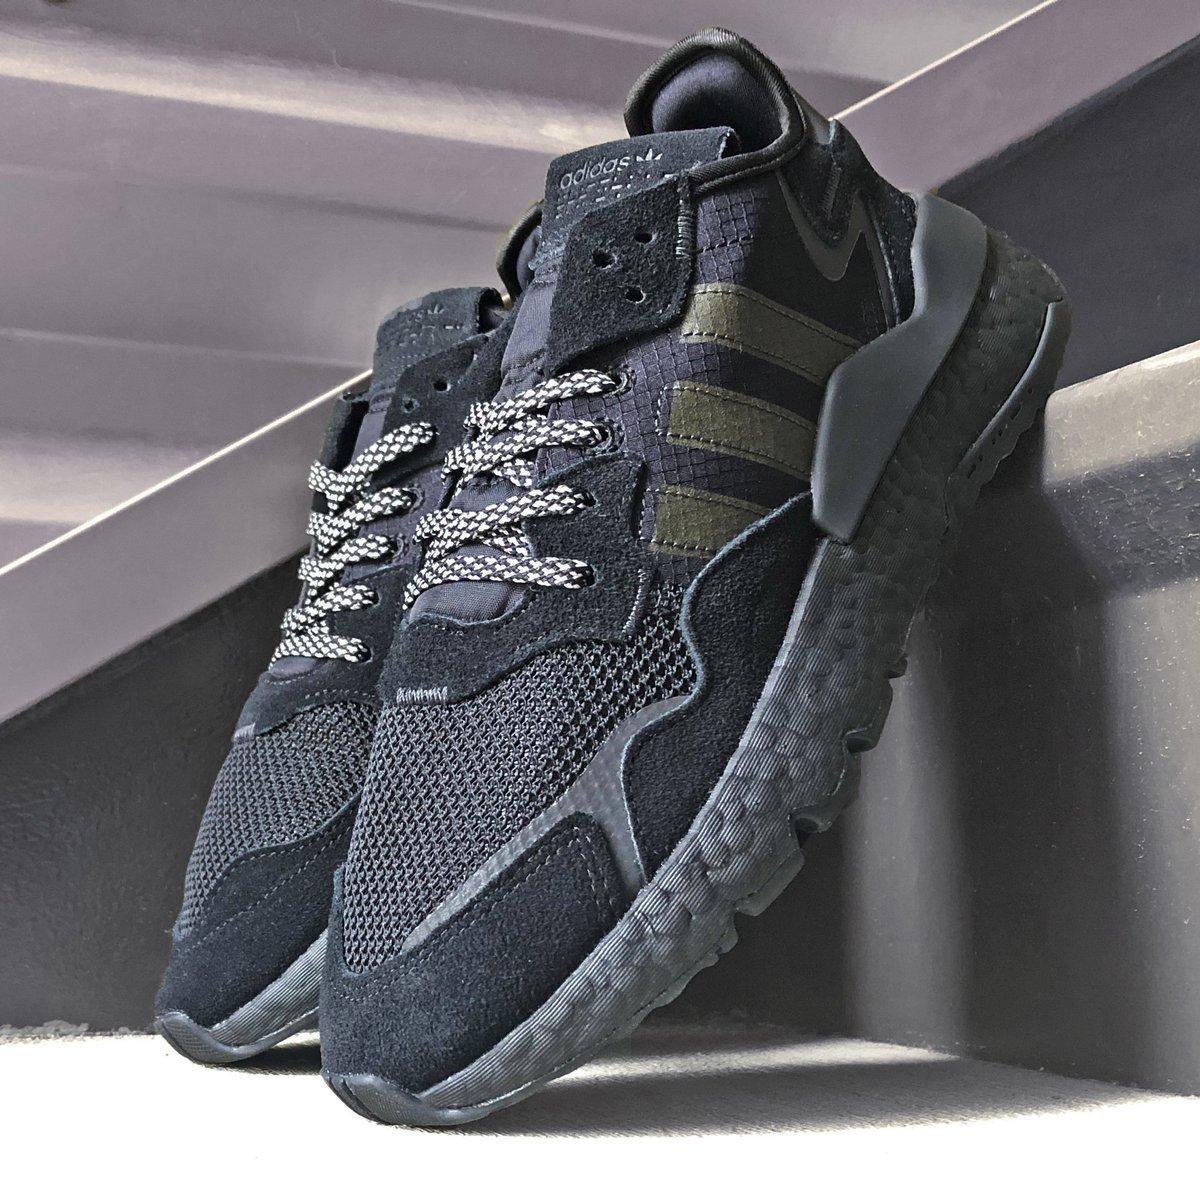 b3ad3f226641 Journeys and adidas Originals